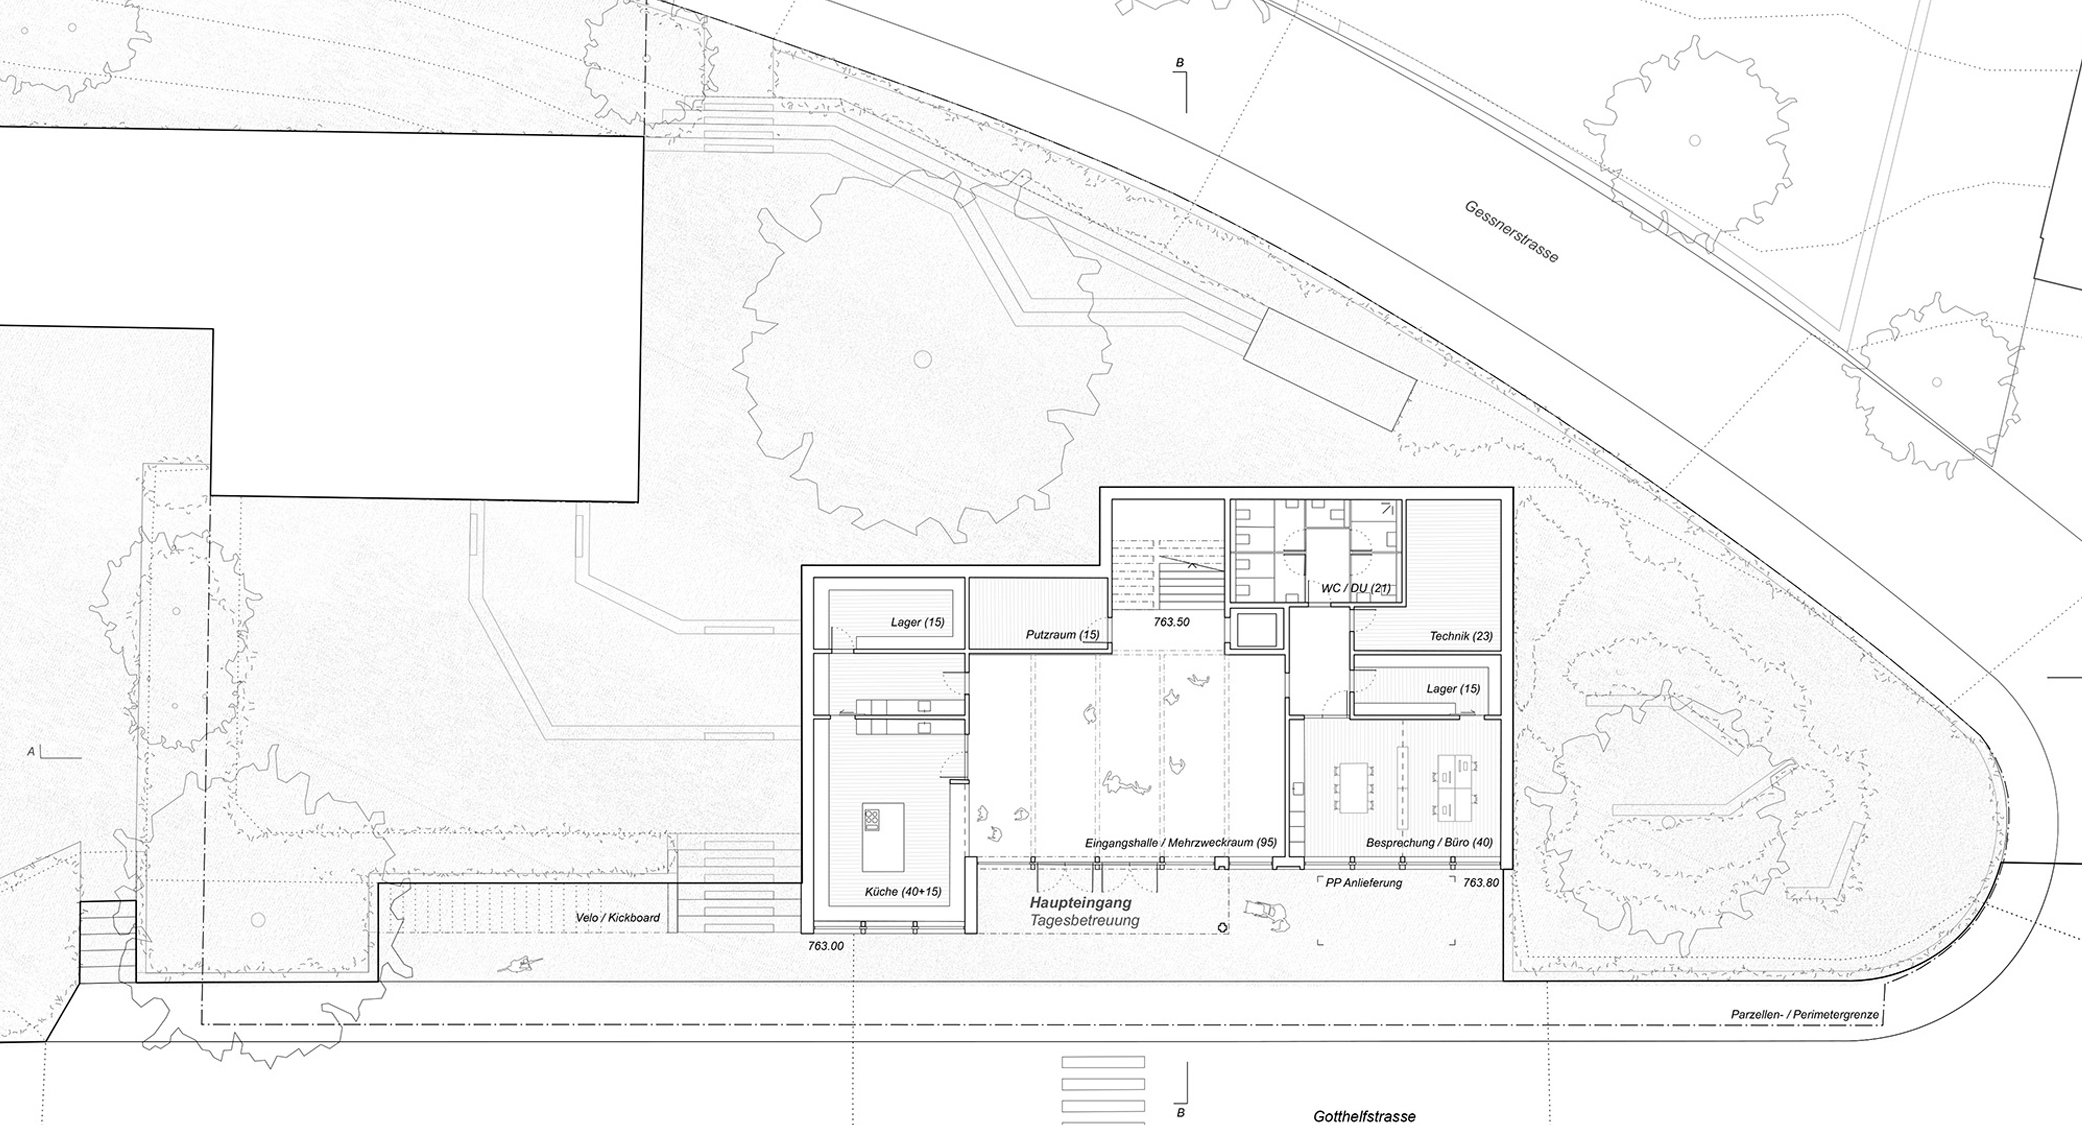 Pfister Klingenfuss Architekten AG, Wettbewerb, Tagesbetreuung Hebel, Zugangsgeschoss